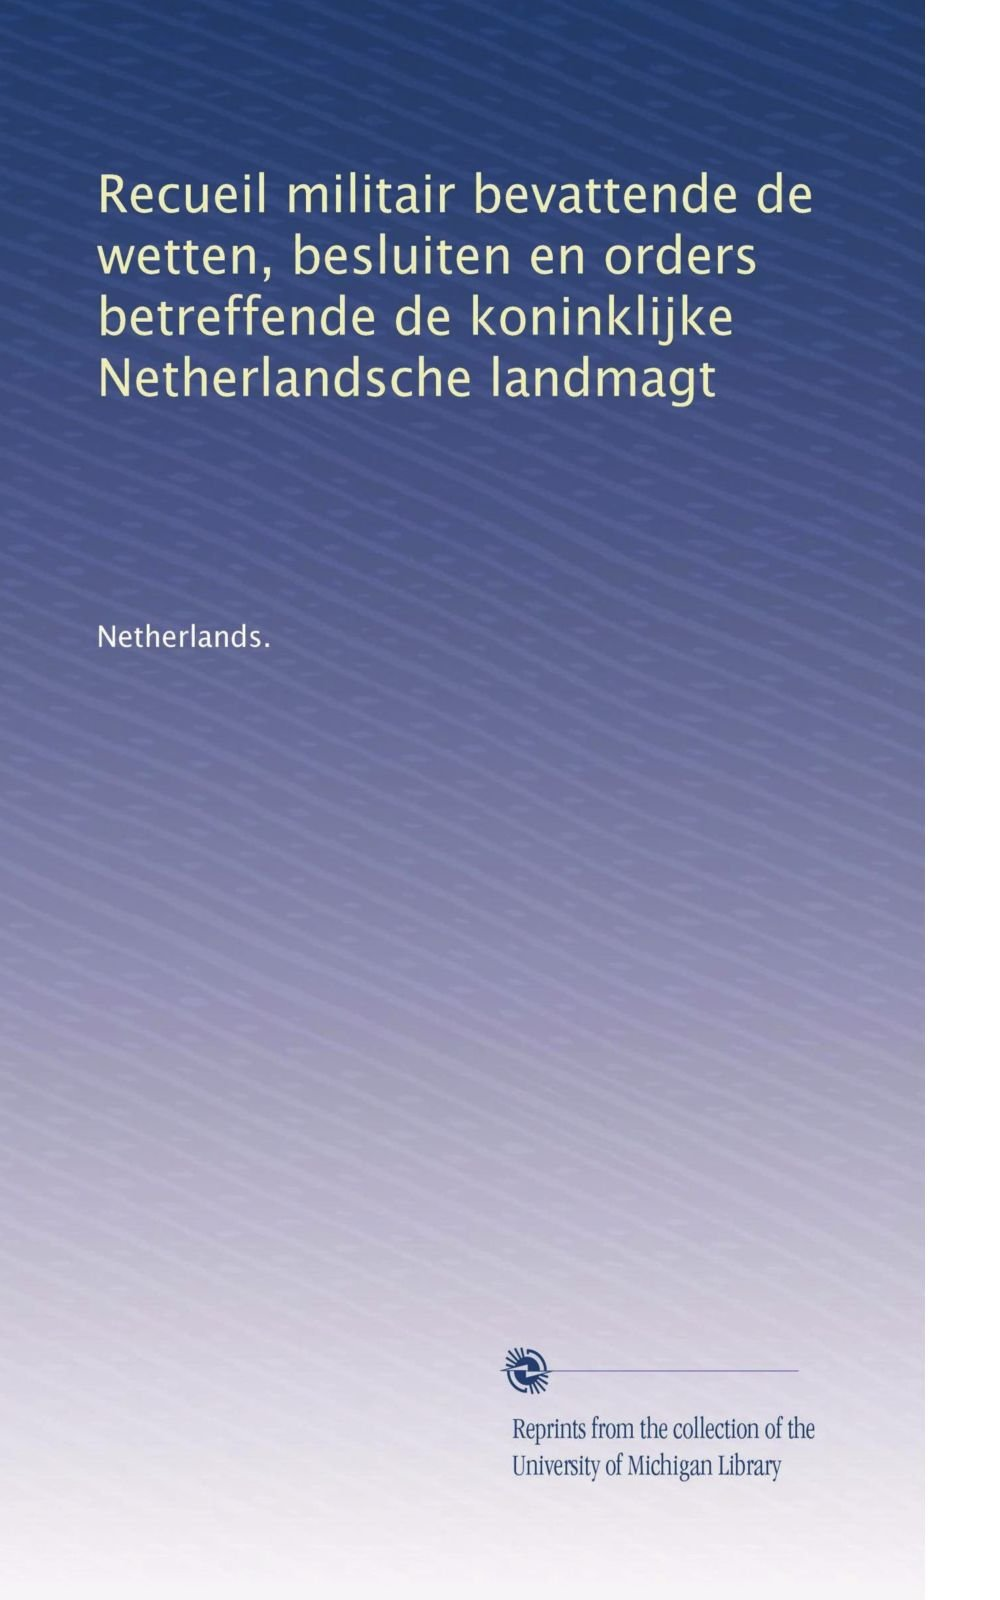 Download Recueil militair bevattende de wetten, besluiten en orders betreffende de koninklijke Netherlandsche landmagt (Volume 2) (Dutch Edition) ebook